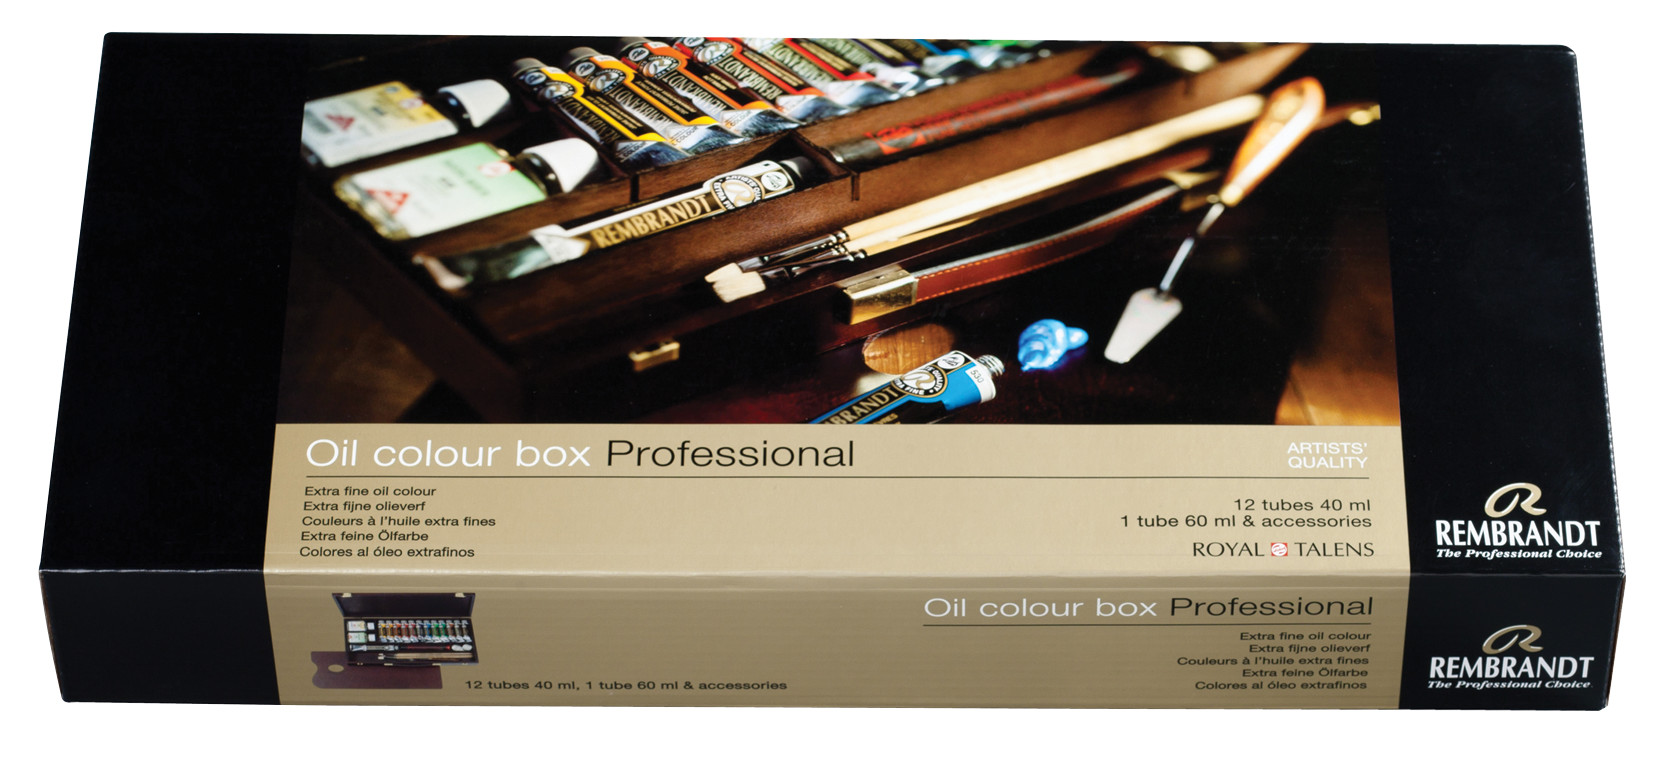 Rembrandt Oil colour Paint Professional Wood Box Set, 12x40ml Tubes + 1x60ml Tube + 11 Accessories